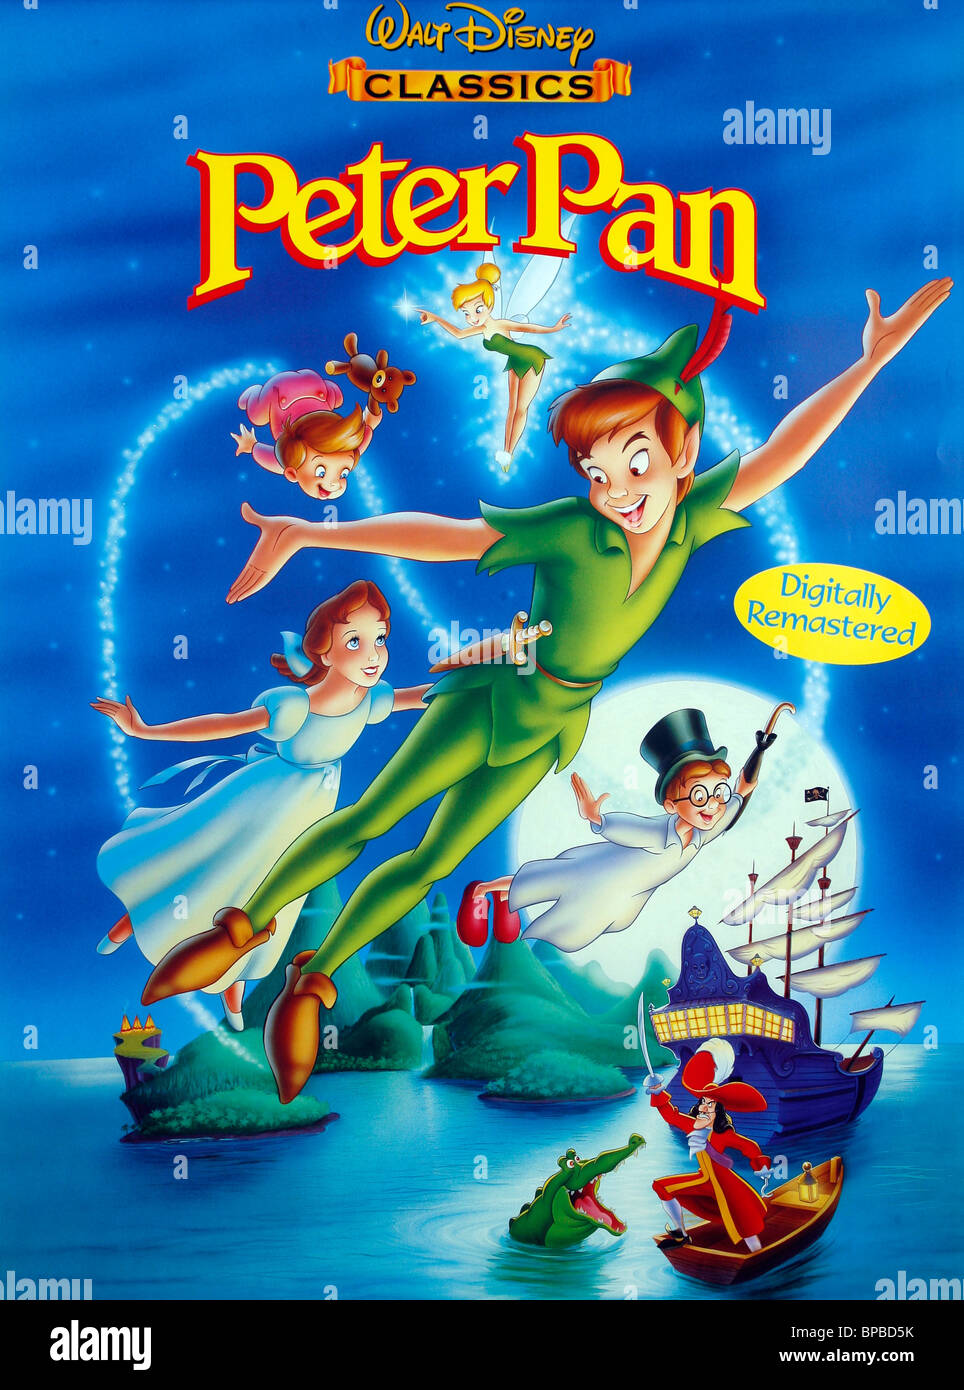 Disney peter pan movie online